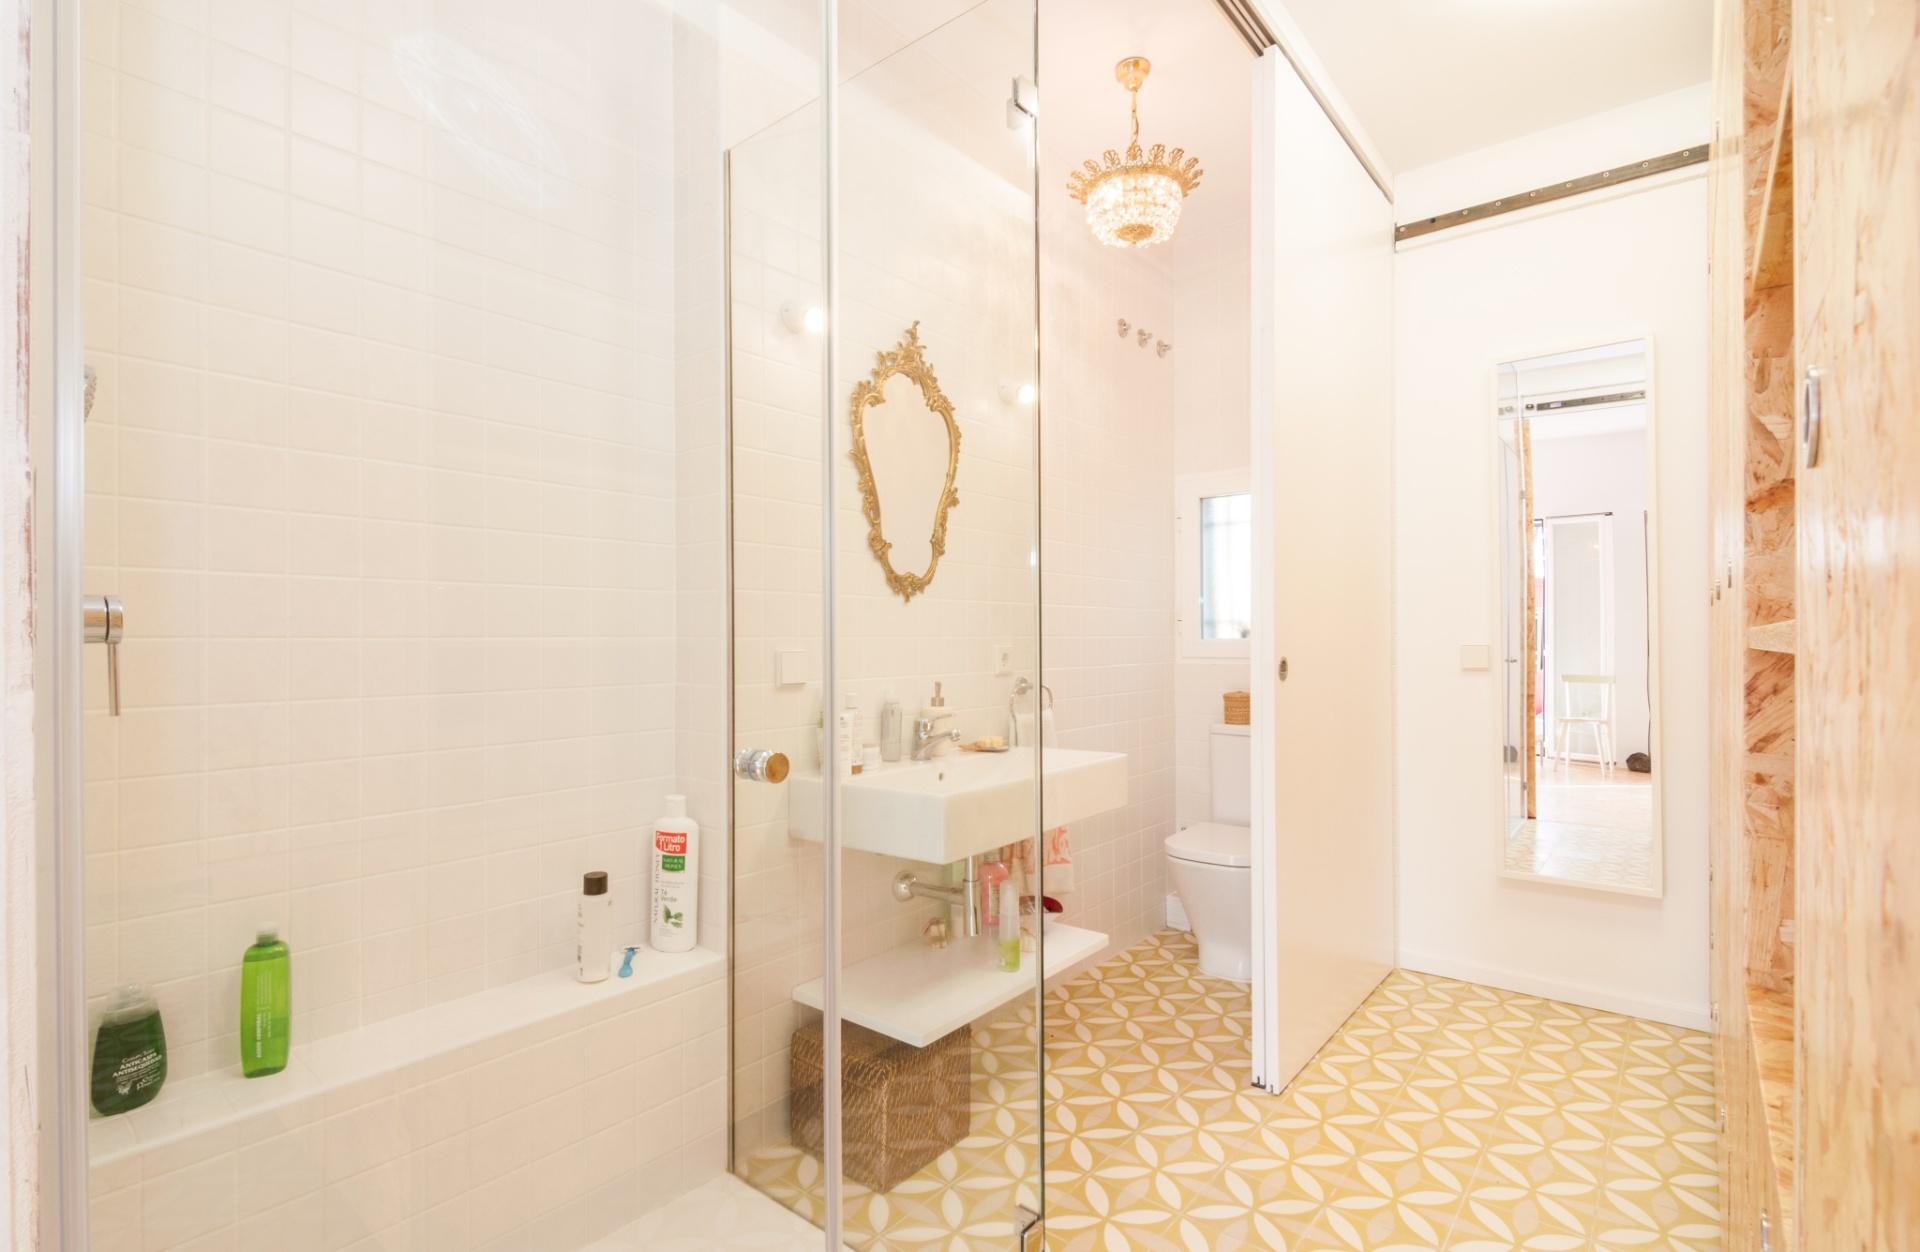 O banheiro é um dos poucos cômodos fixos da residência em função da rede hidráulica. No ambiente, a decoração busca harmonia com a padronagem do OSB (que dá forma aos módulos móveis), pelo uso de revestimentos claros e poucos (mas expressivos) adornos. O projeto faz parte da série Pequeñas Grandes Casas desenvolvida pelos arquitetos do escritório PKMN, em Madri